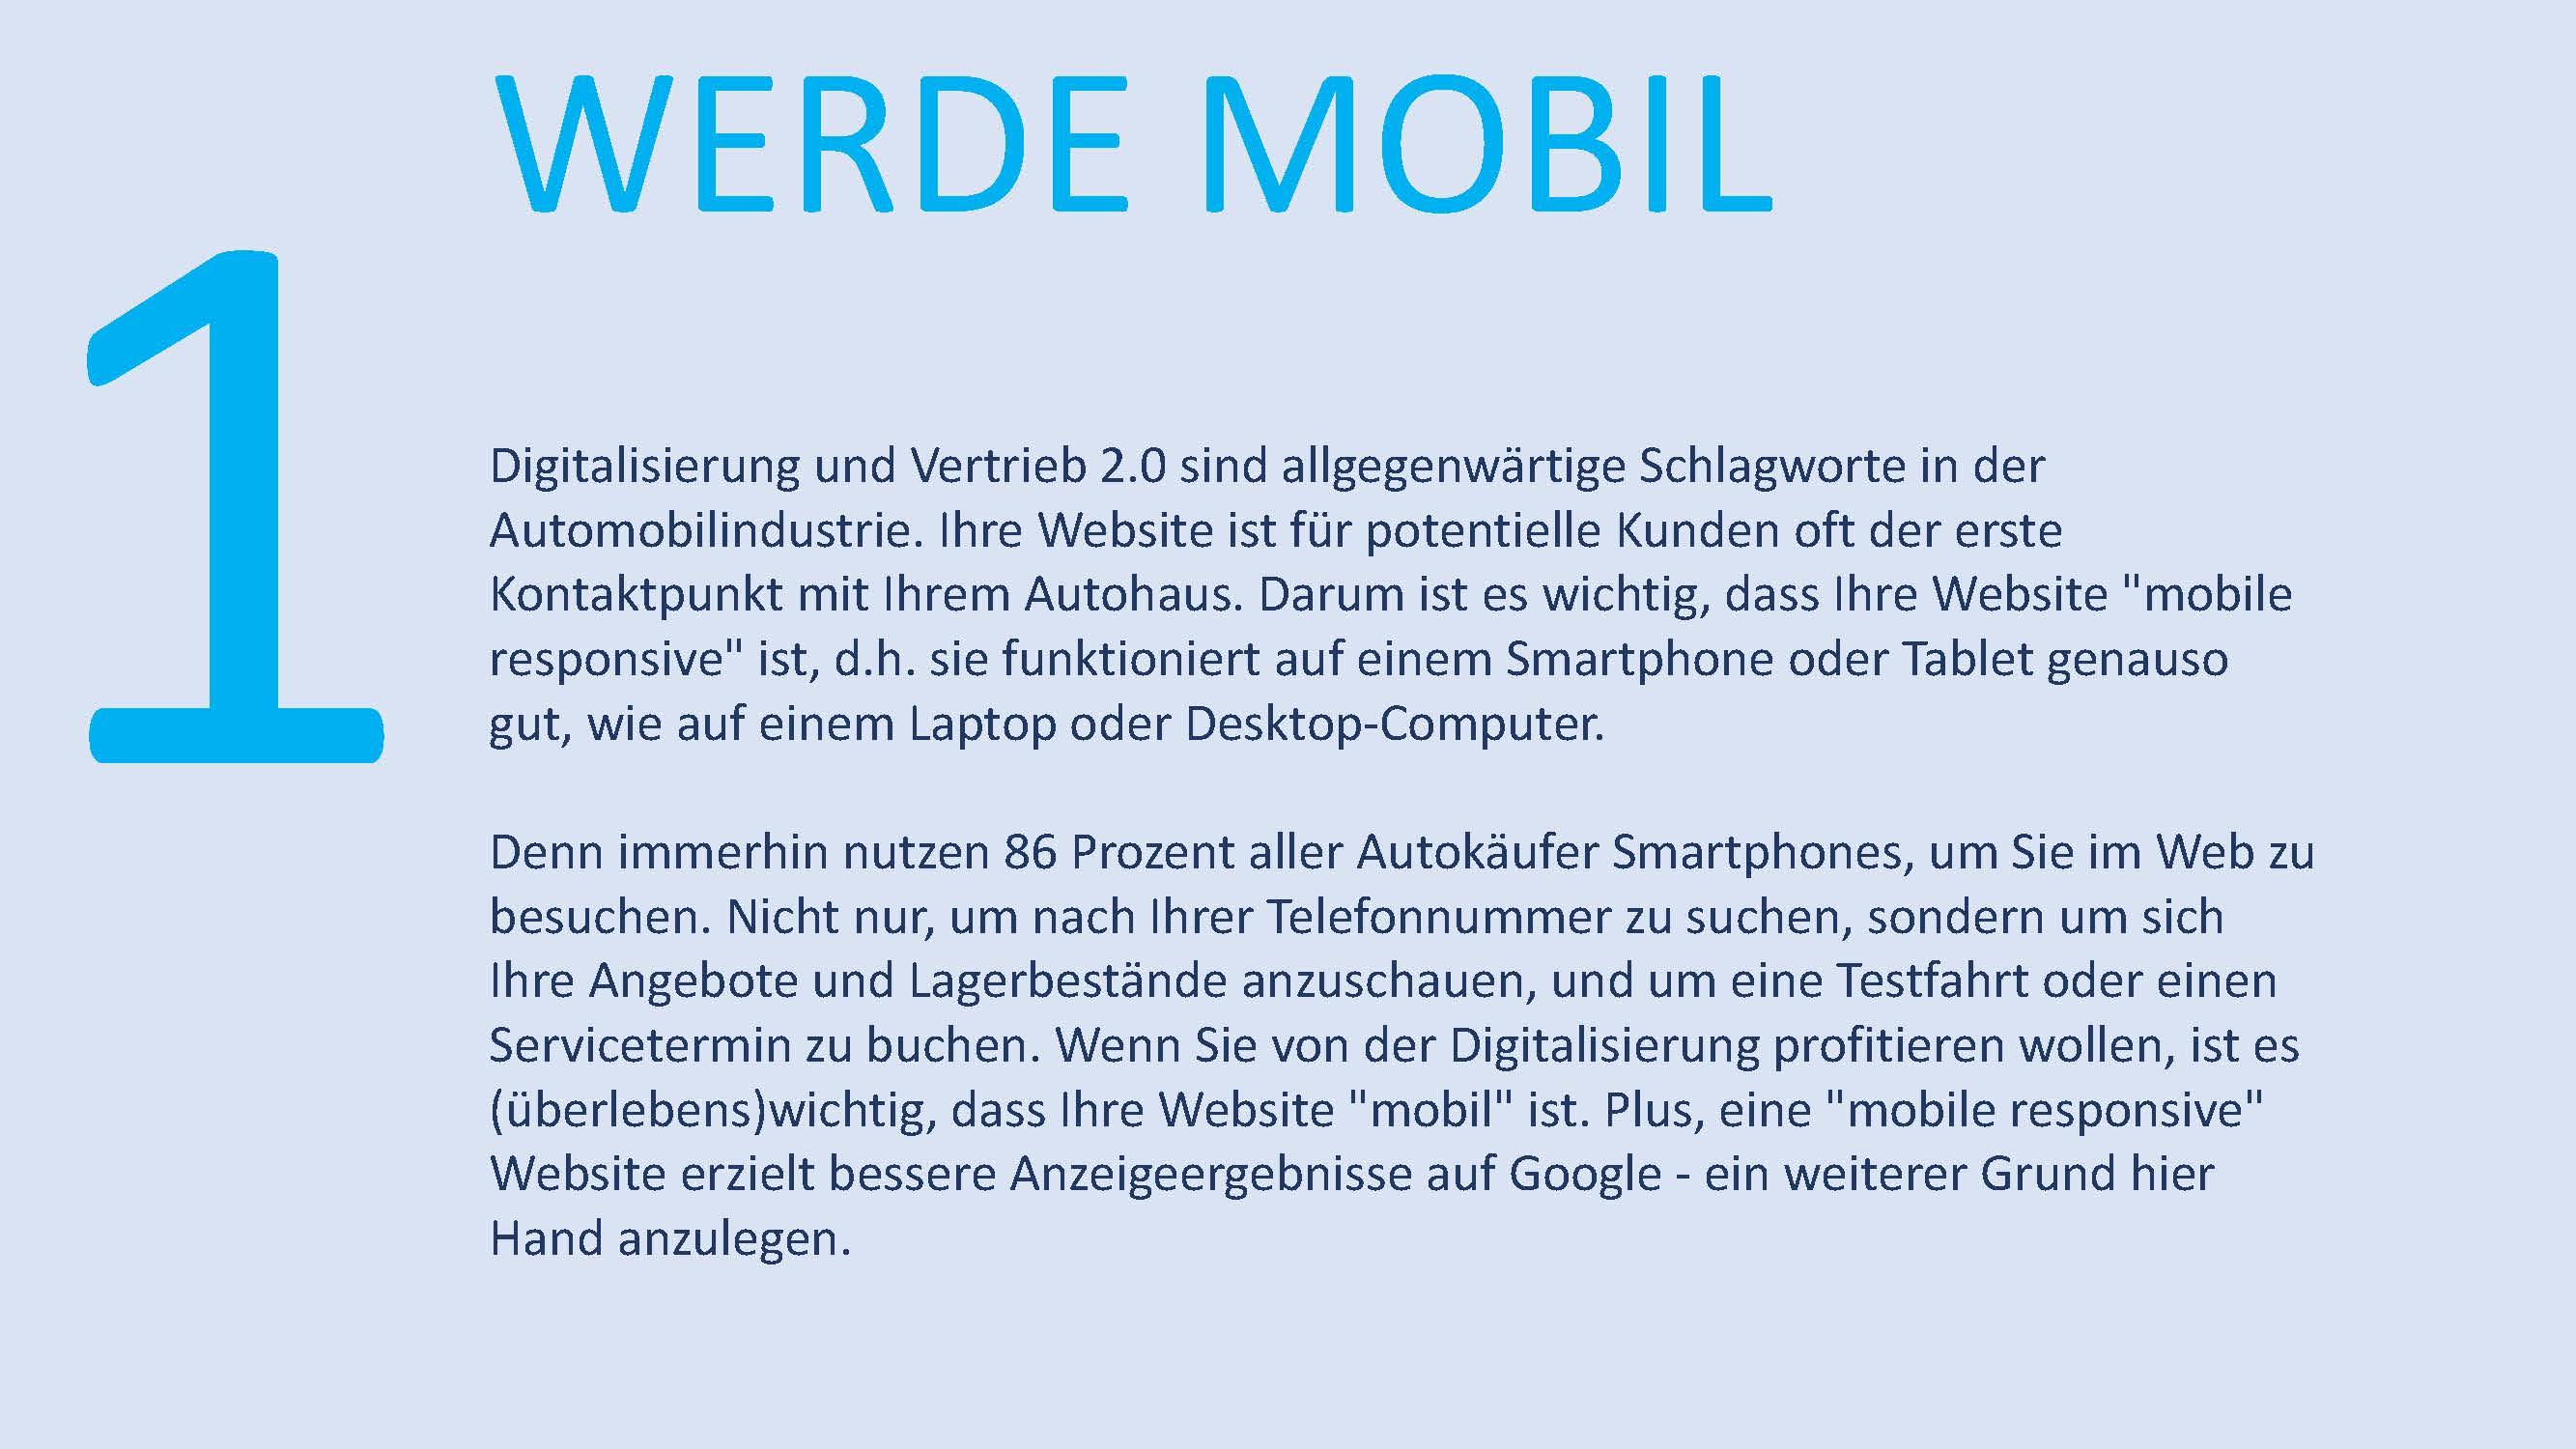 Digitale Marketing-Kommunikation im Autohaus und Automobilhandel - von Fink und Fuchs Agentur für Marketing Öffentlichkeitsarbeit und Public Relations